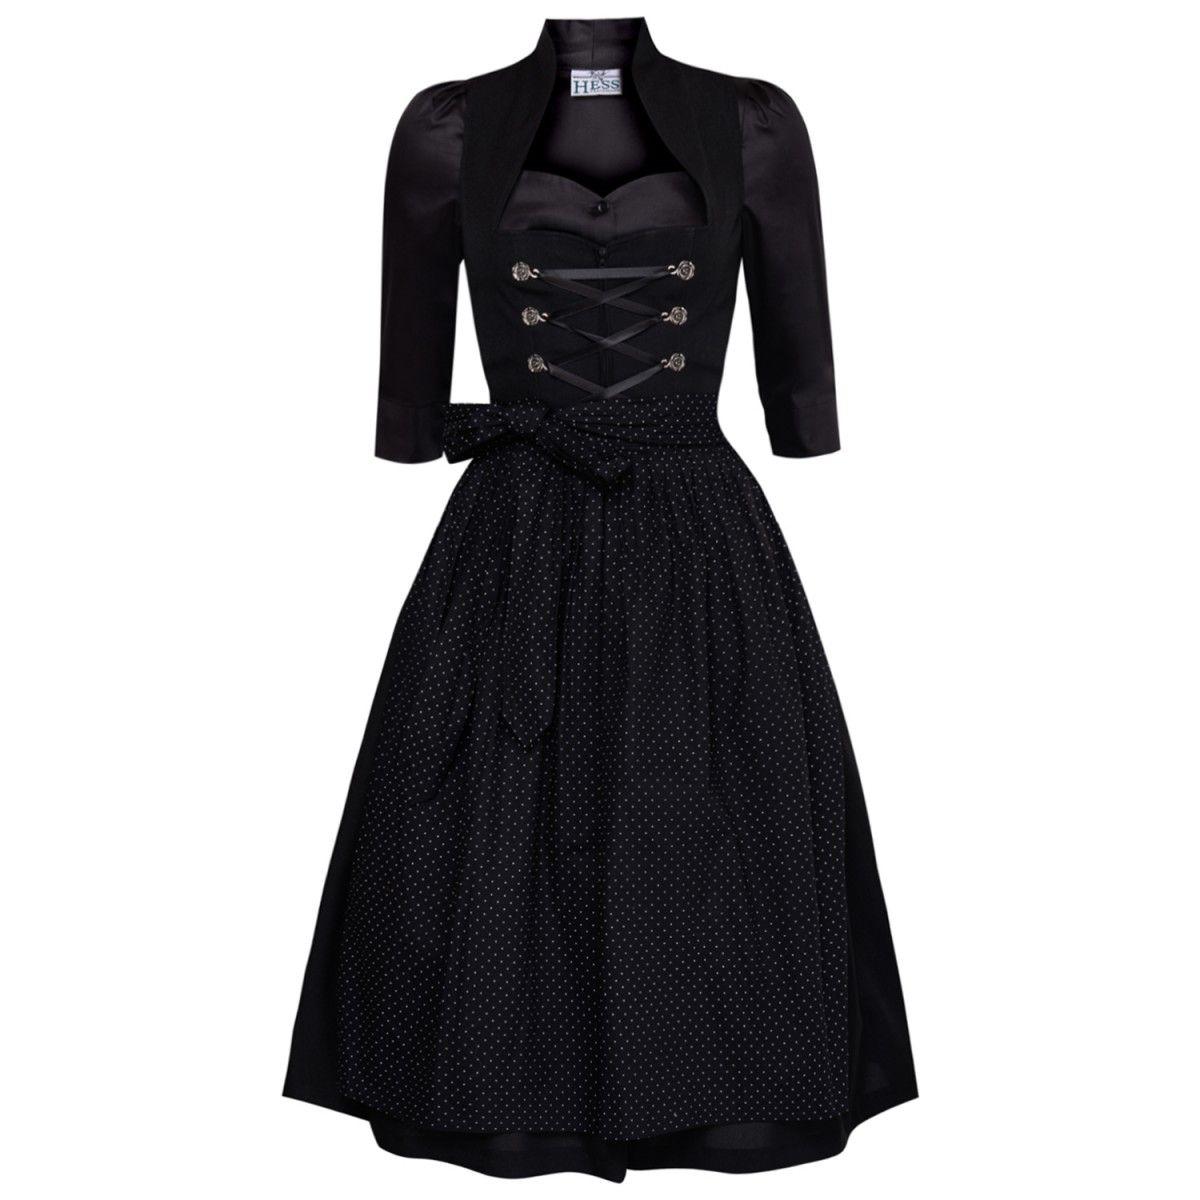 midi dirndl lorle in schwarz mit schwarzer dirndlbluse von. Black Bedroom Furniture Sets. Home Design Ideas